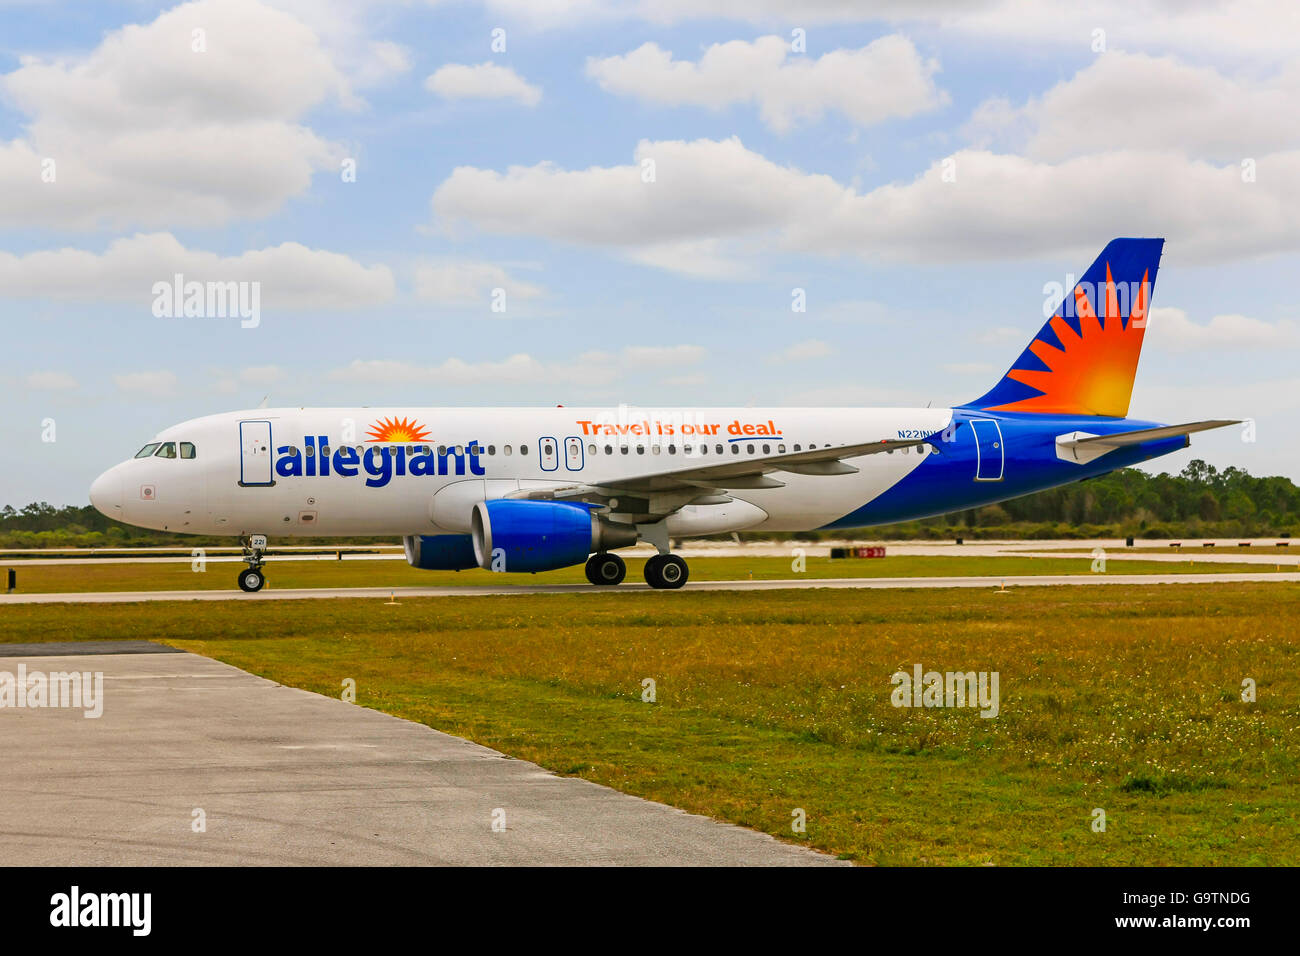 Allegiant Airbus A320-214 at Punta Gorda airport in Florida - Stock Image